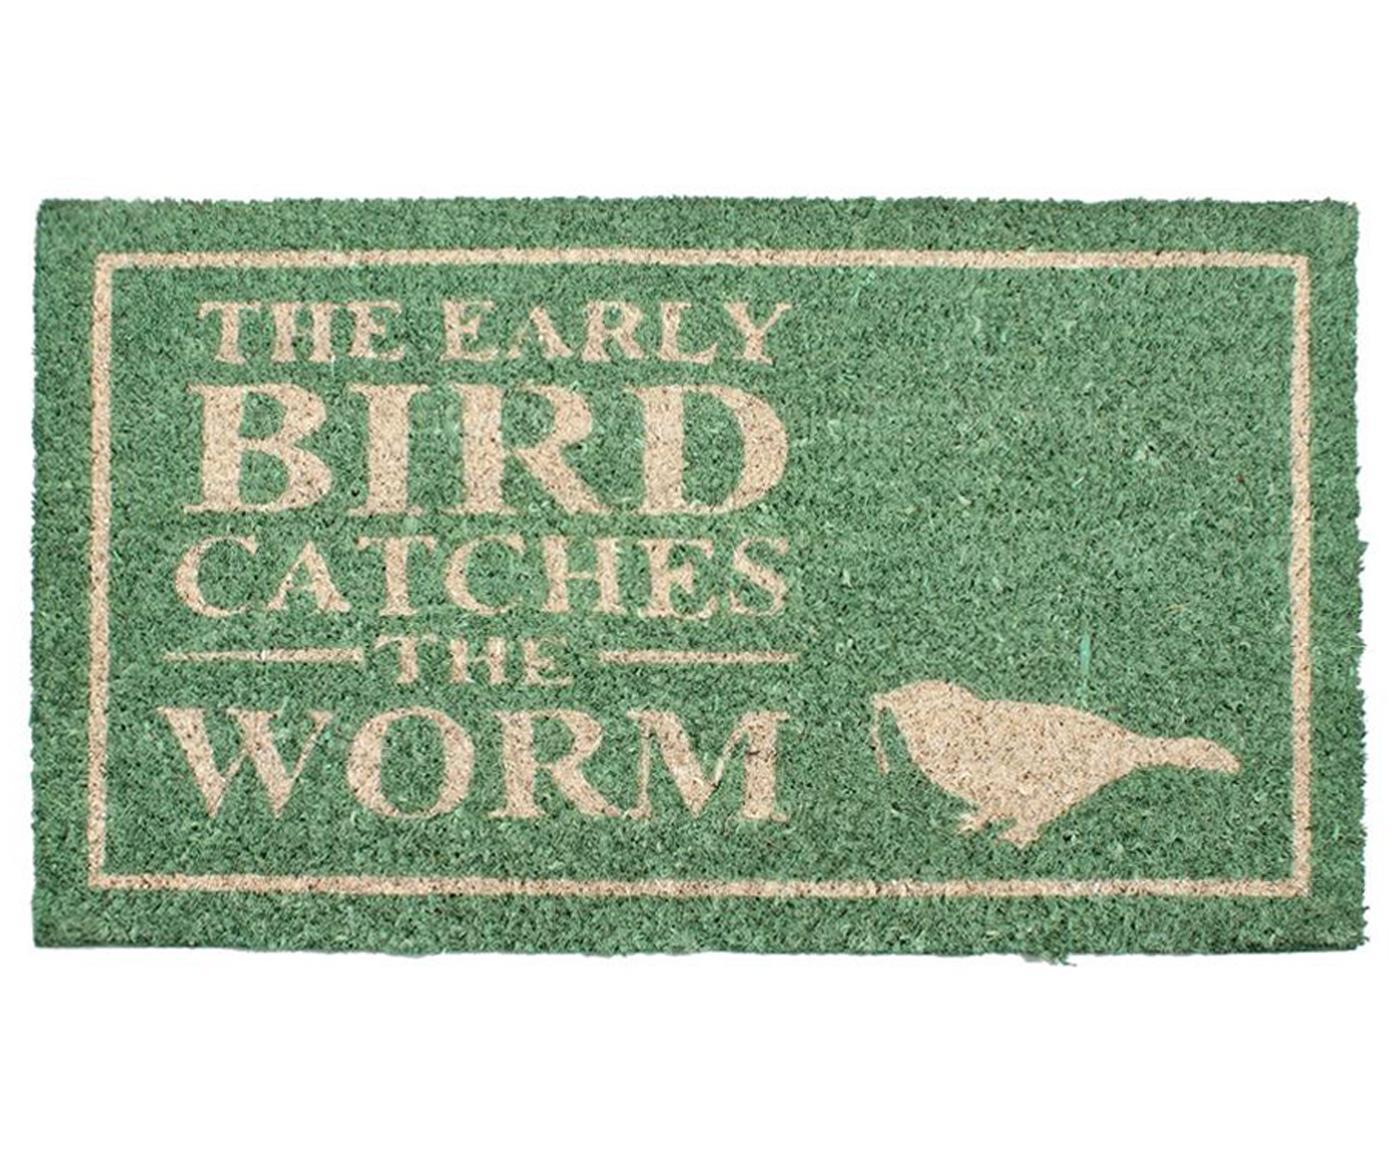 Fußmatte Early Bird, Oberseite: Kokosfaser, Unterseite: PVC, Salbeigrün, Beige, 40 x 70 cm